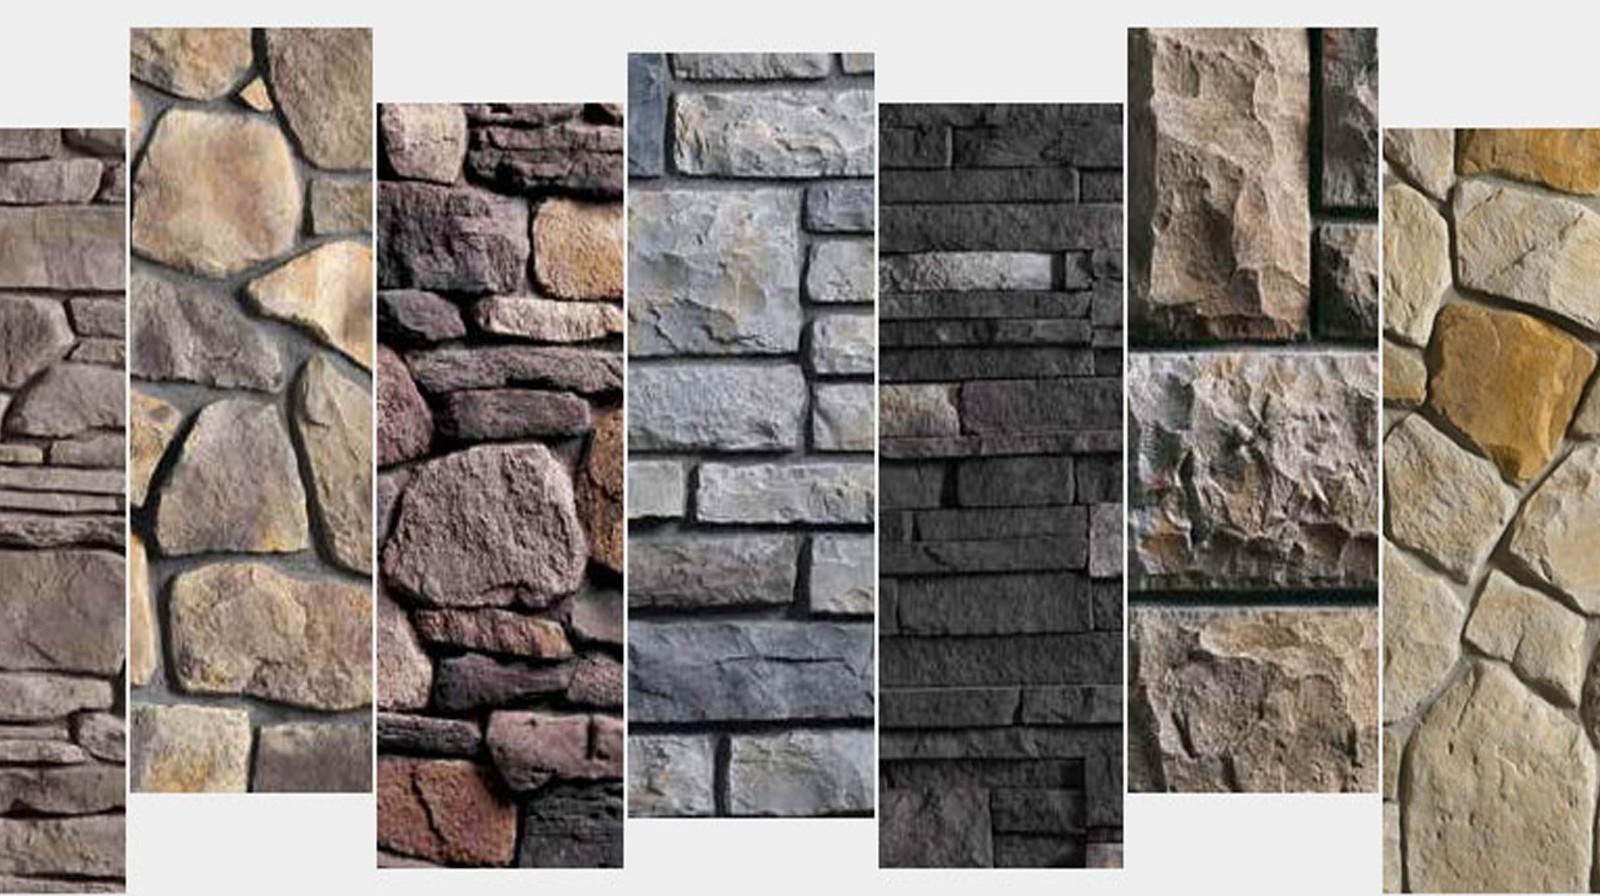 Les décorations murales en pierre sont également très impressionnantes à l'extérieur.